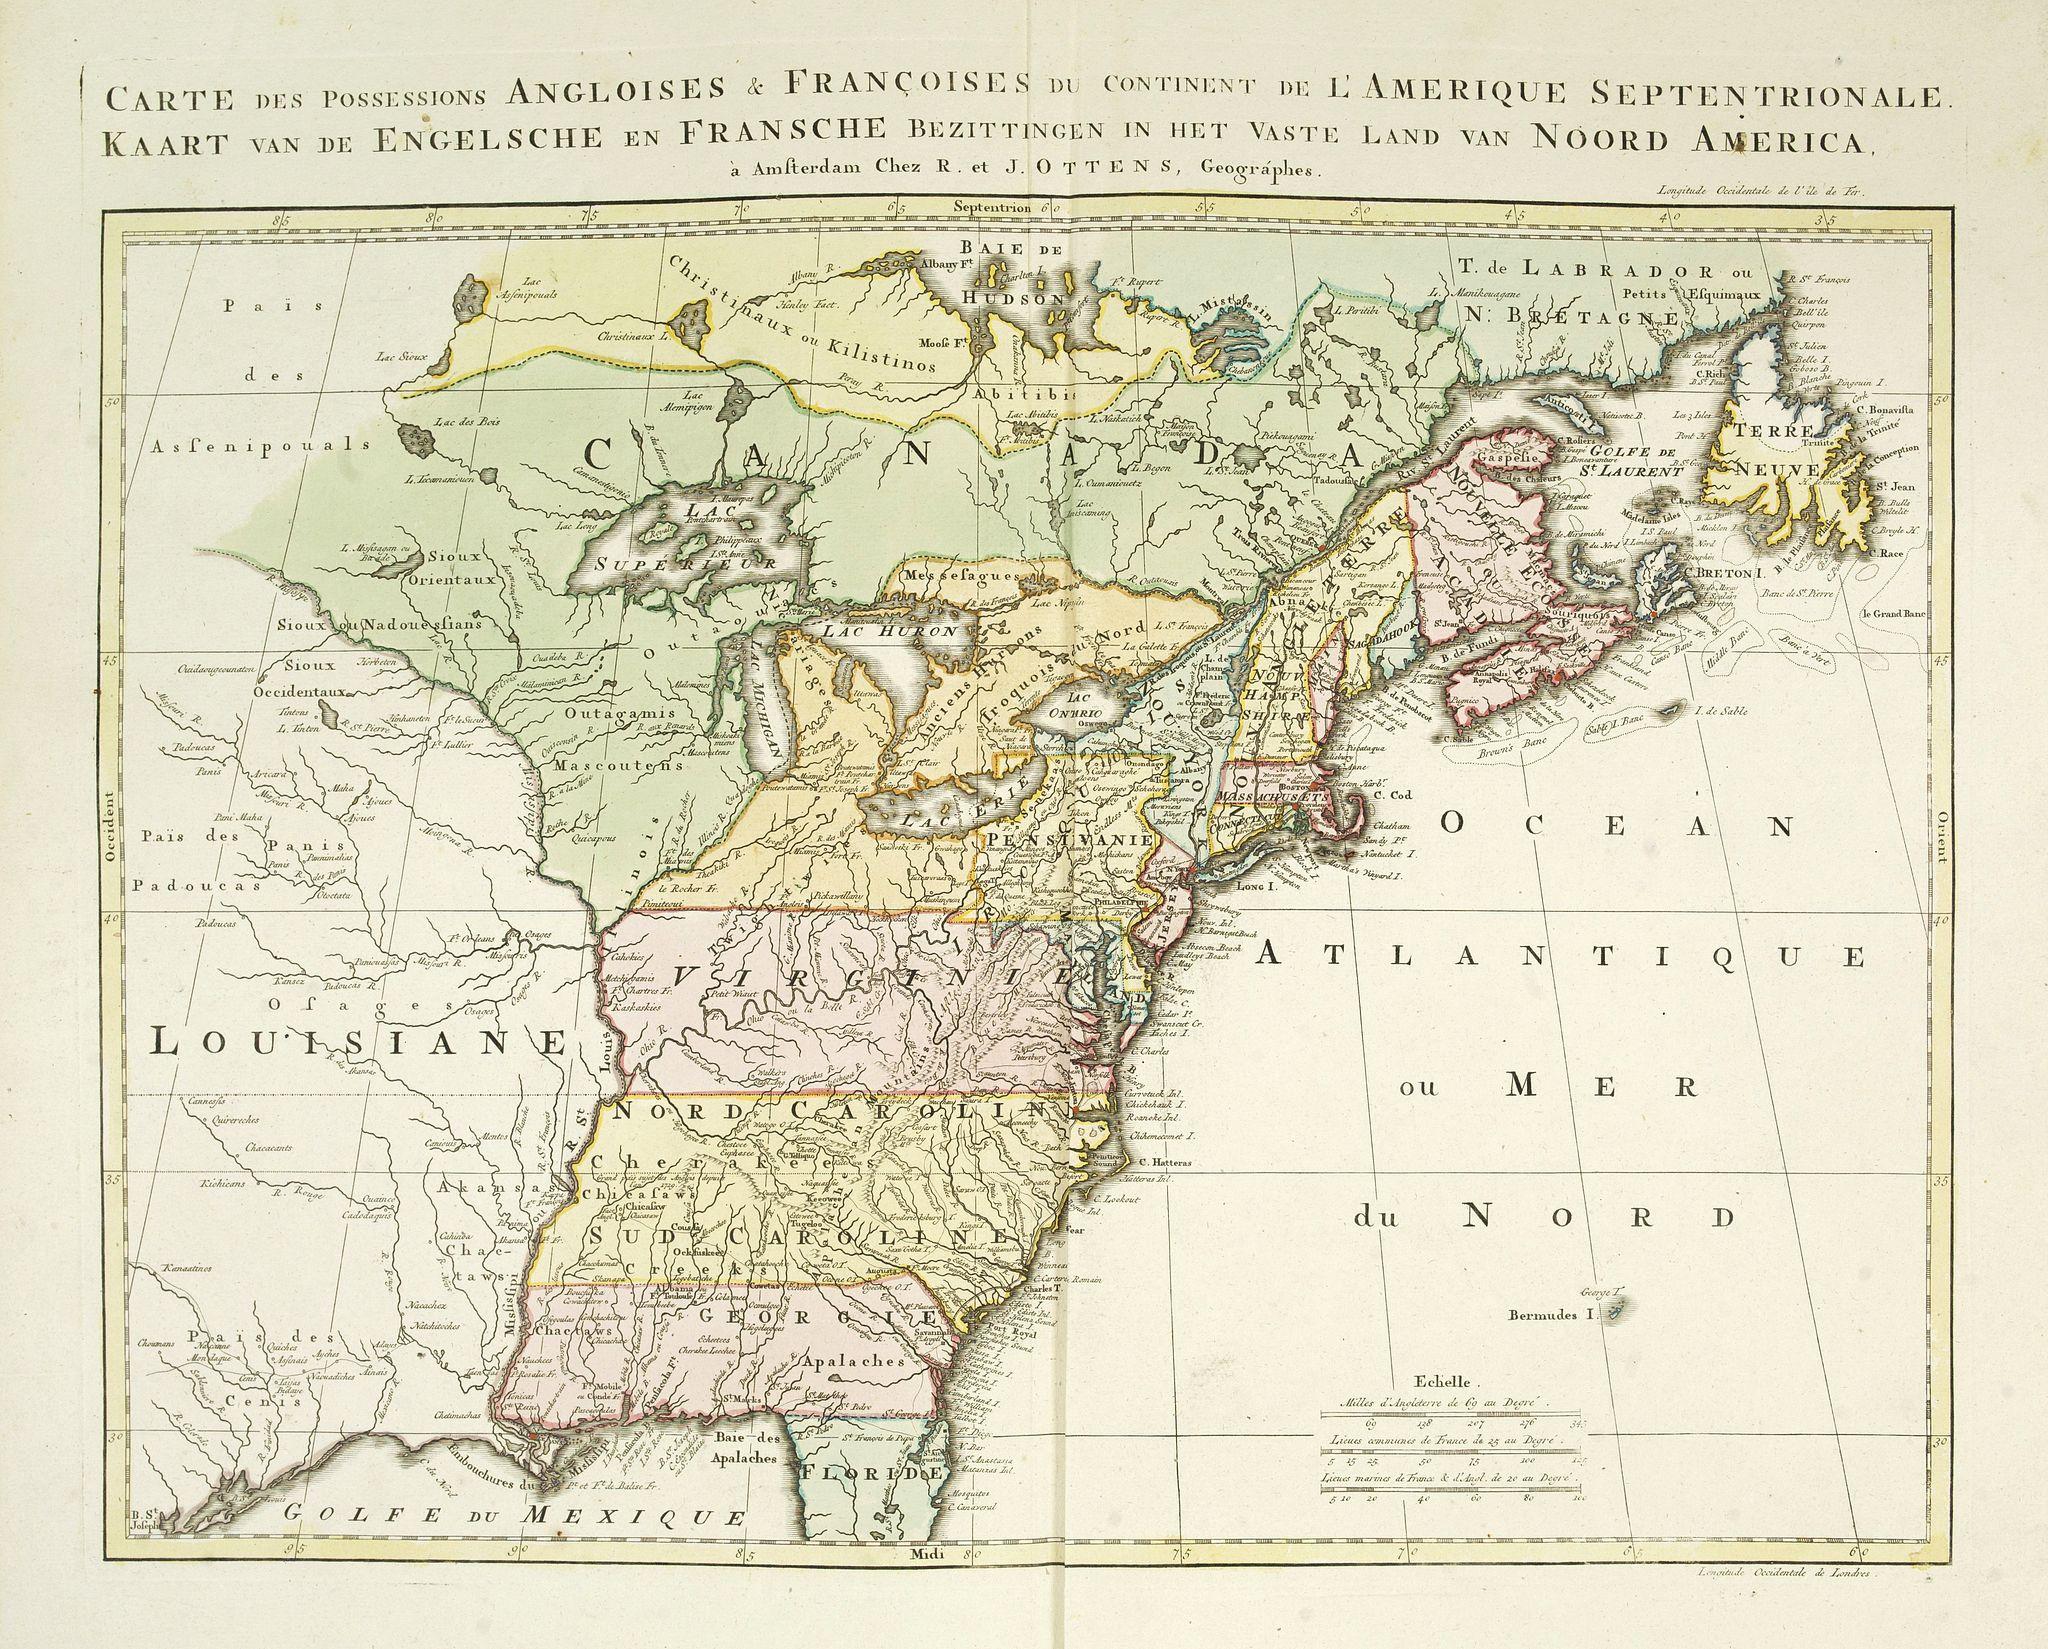 OTTENS, R. / I. -  Carte des possessions Angloises et Françoises du continent de l'Amerique Septentrionale. / Kaart van de Engelsche en Fransche bezittingen . . .